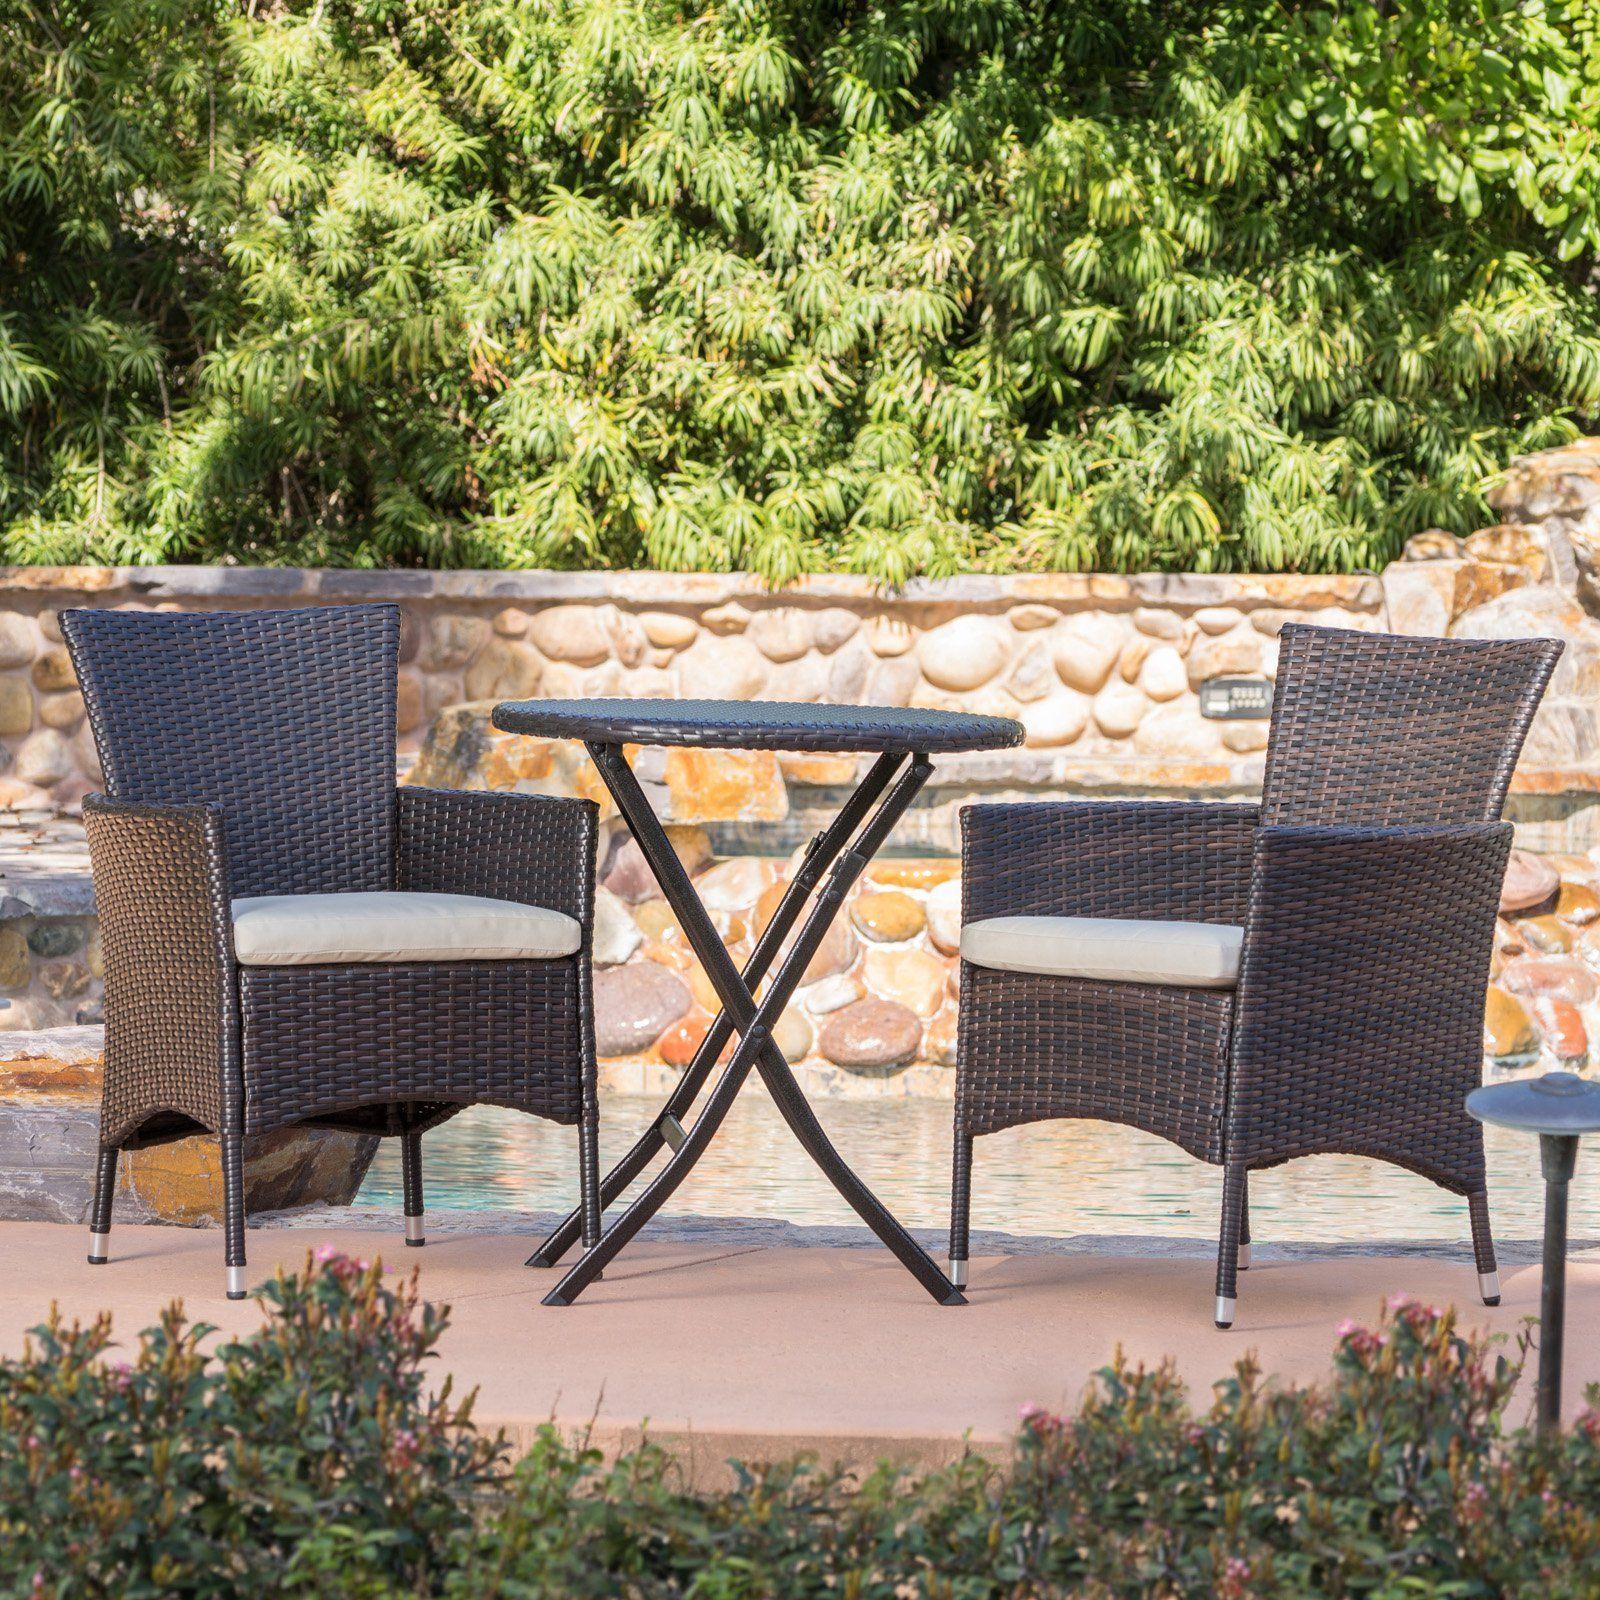 Malaga Wicker 3 Piece Outdoor Bistro Set Outdoor Patio Furniture